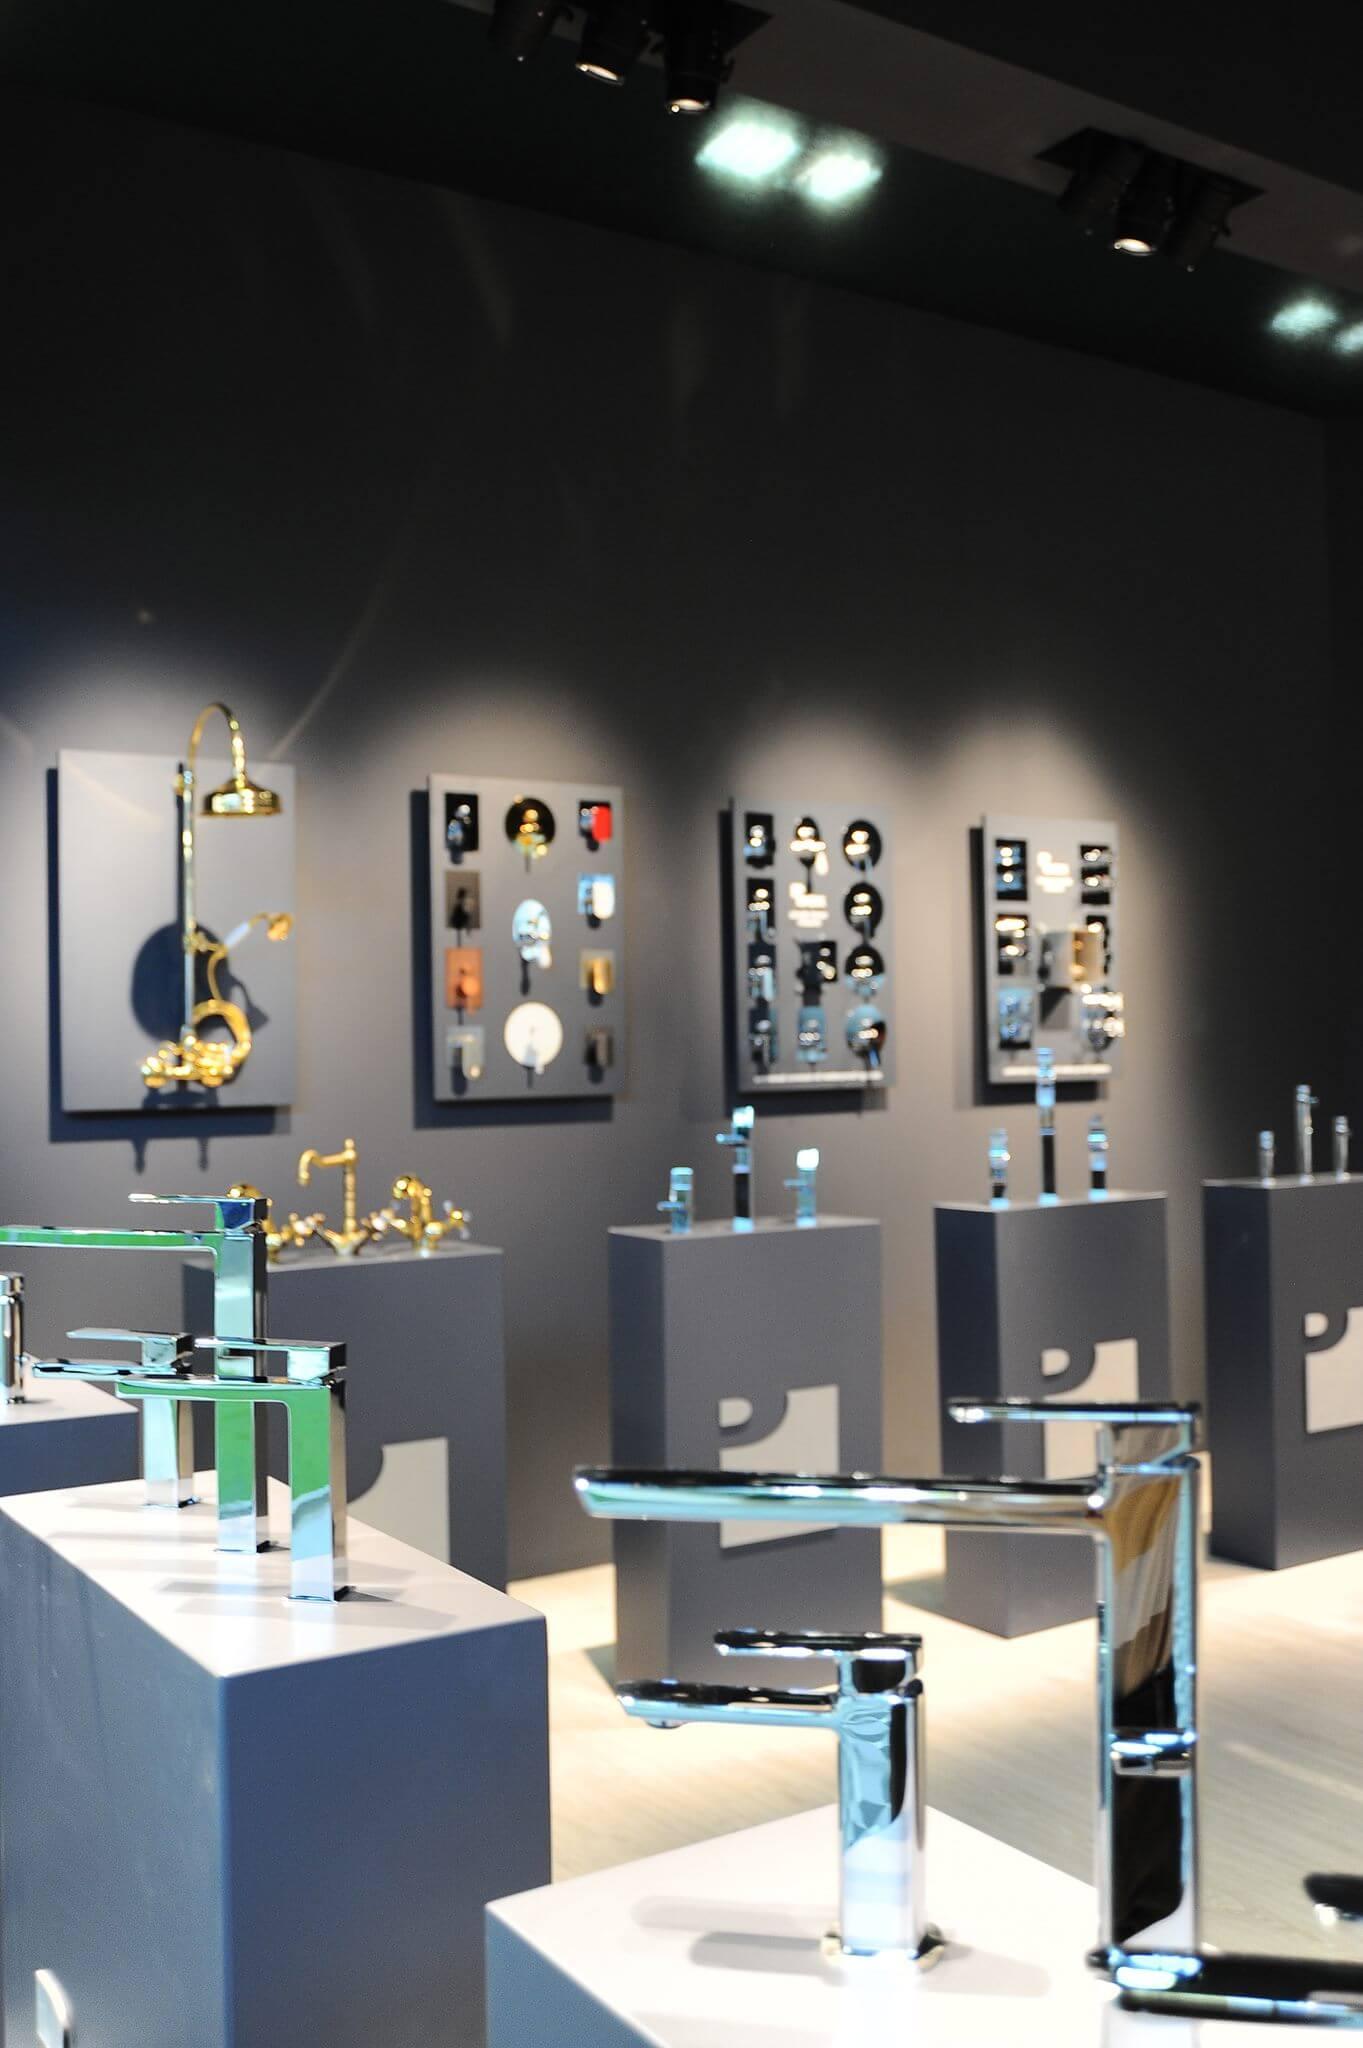 cersaie 2017 trends und news f r ihr baddesign und lifestyle. Black Bedroom Furniture Sets. Home Design Ideas